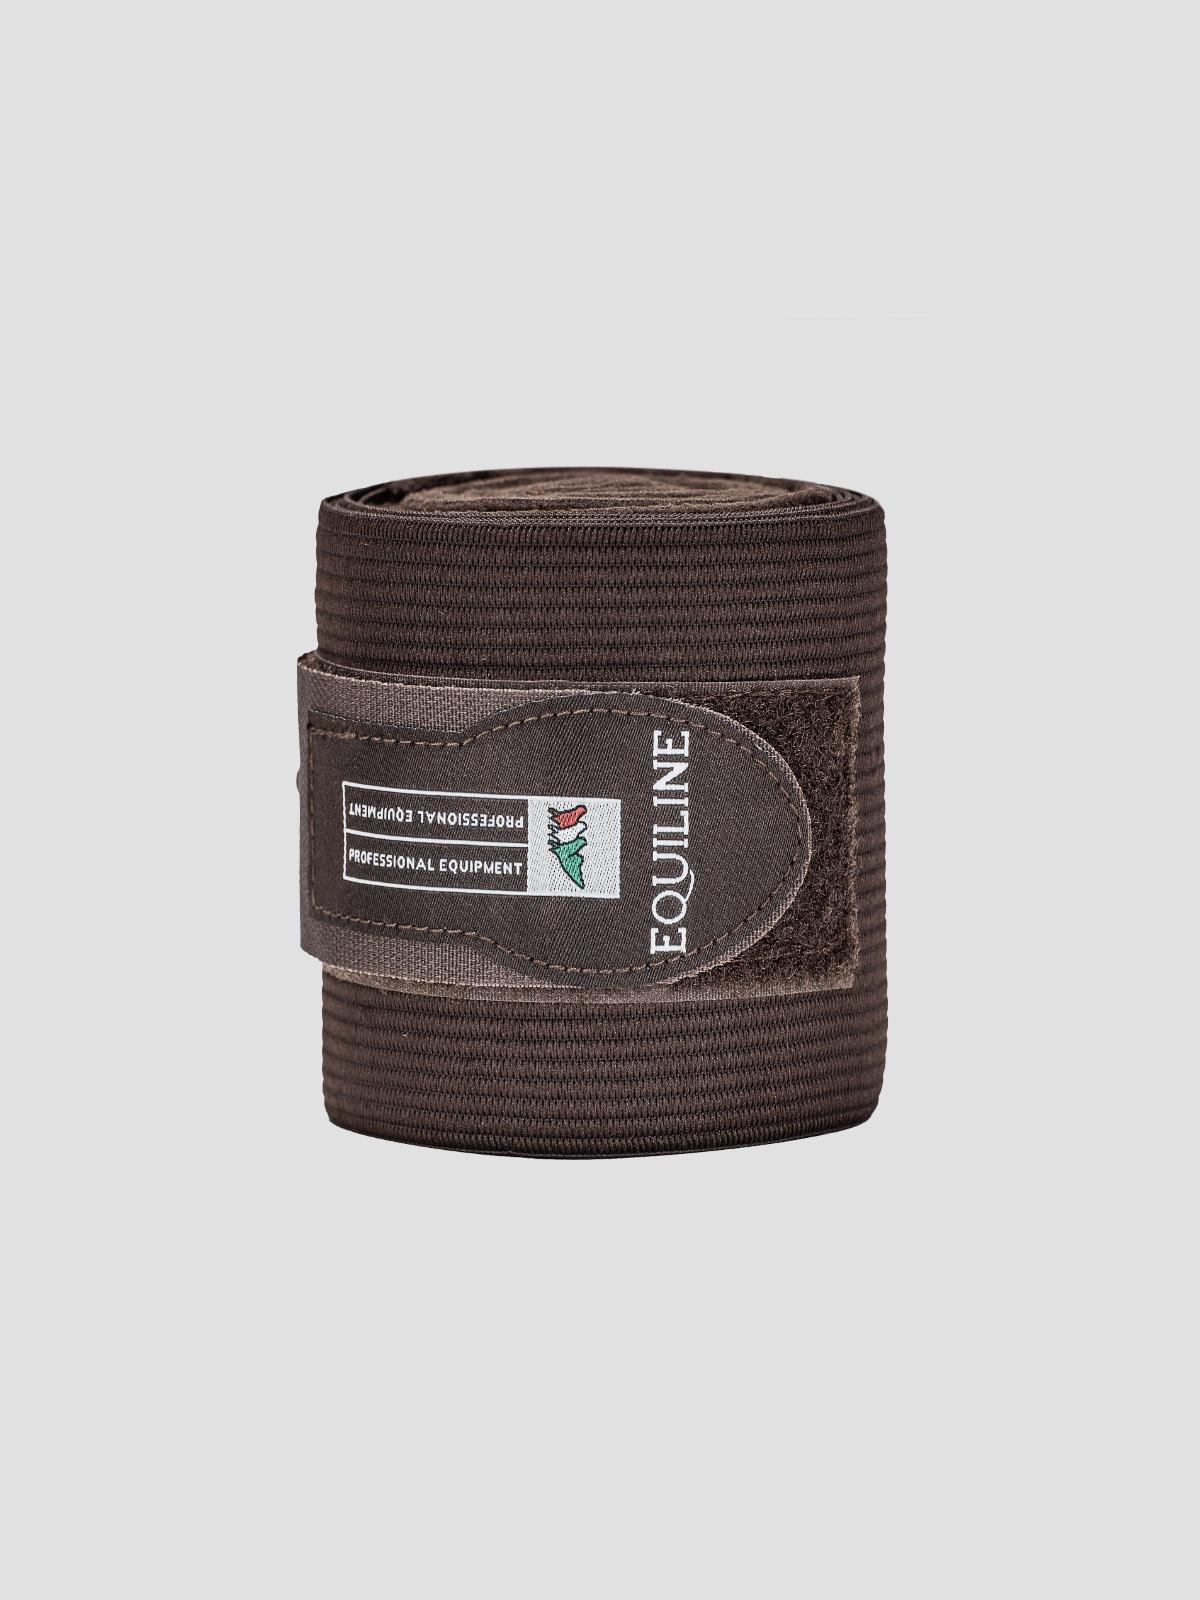 WORK - Fleece and Elastic Bandages 6